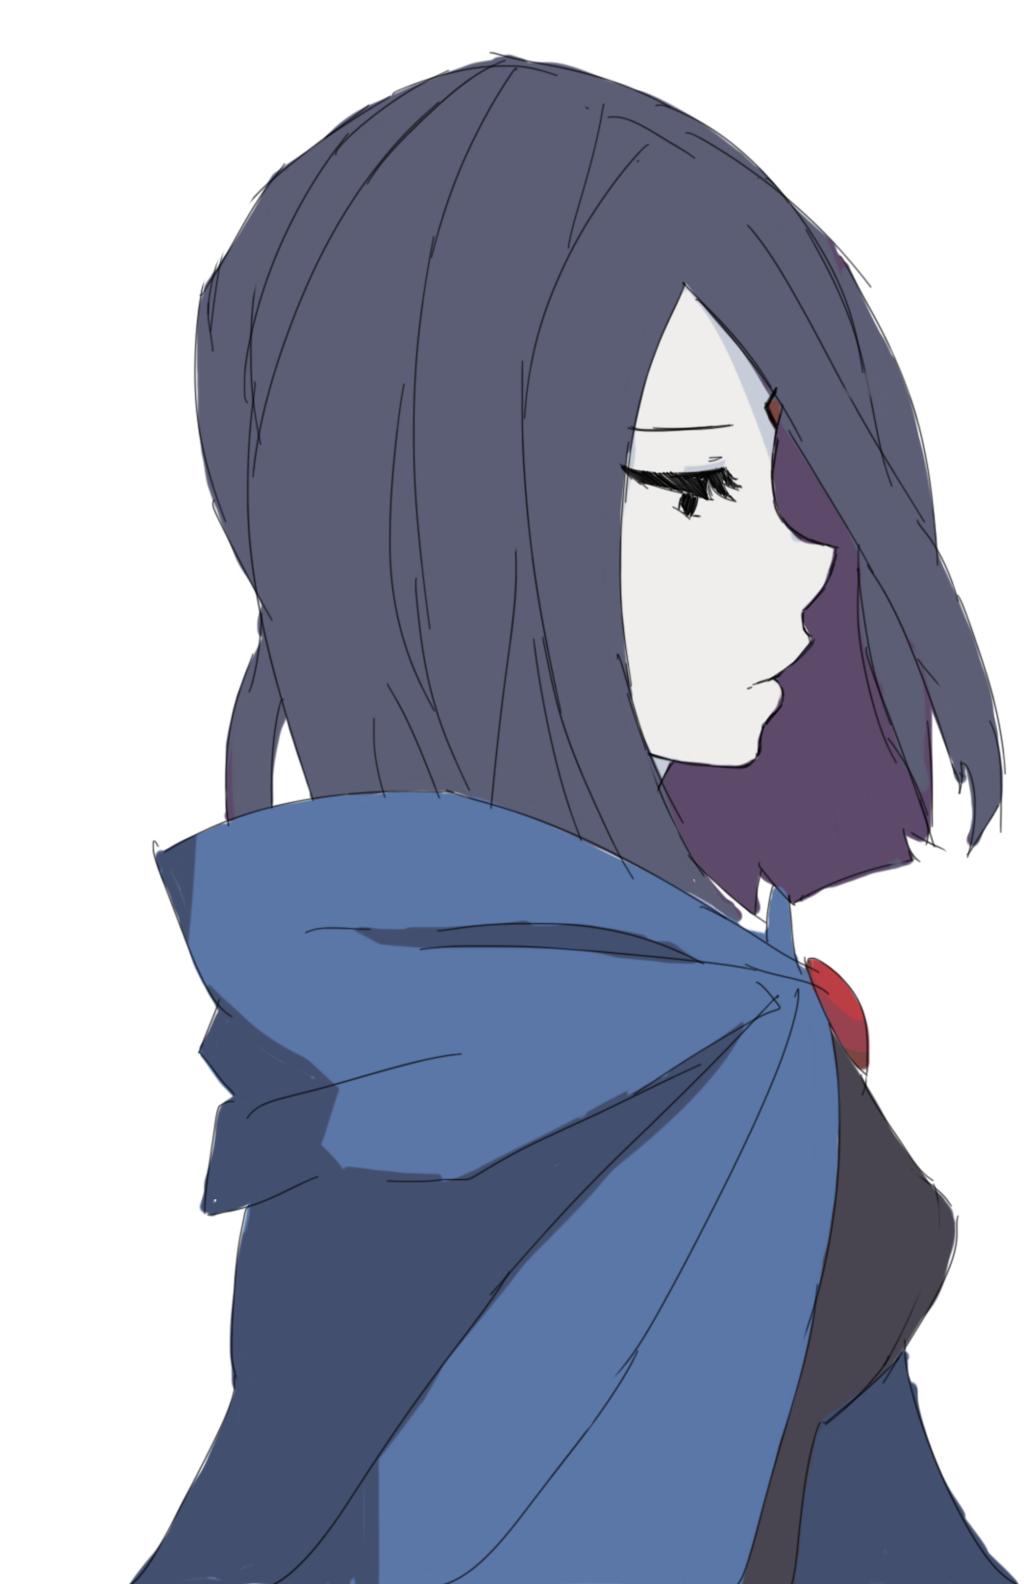 Drawn raven minimalist CMOSsy Teen Raven on (Minimalist)